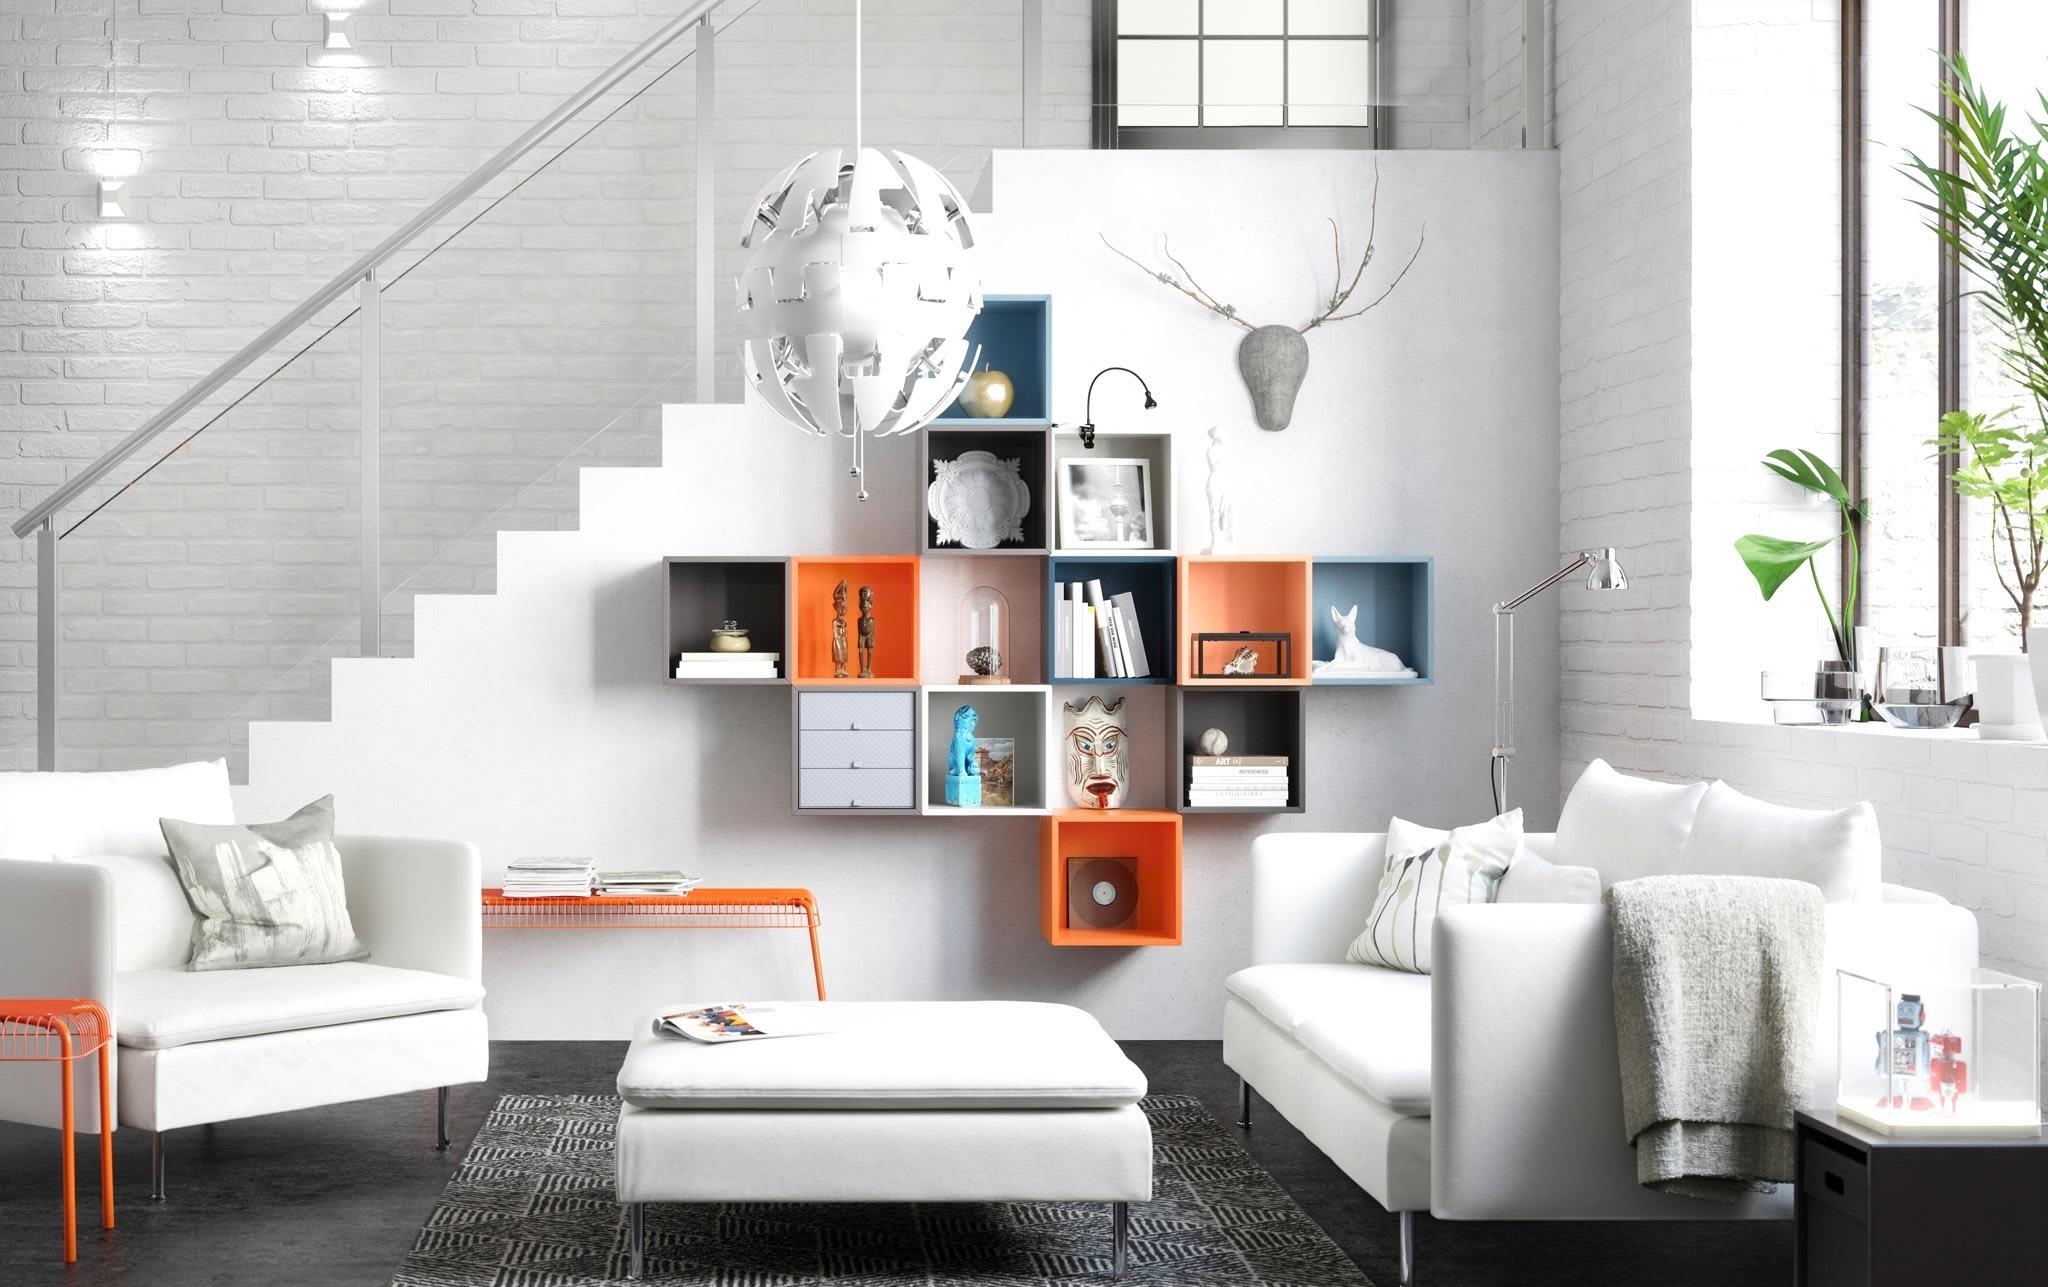 Captivating (Image Credit: IKEA)